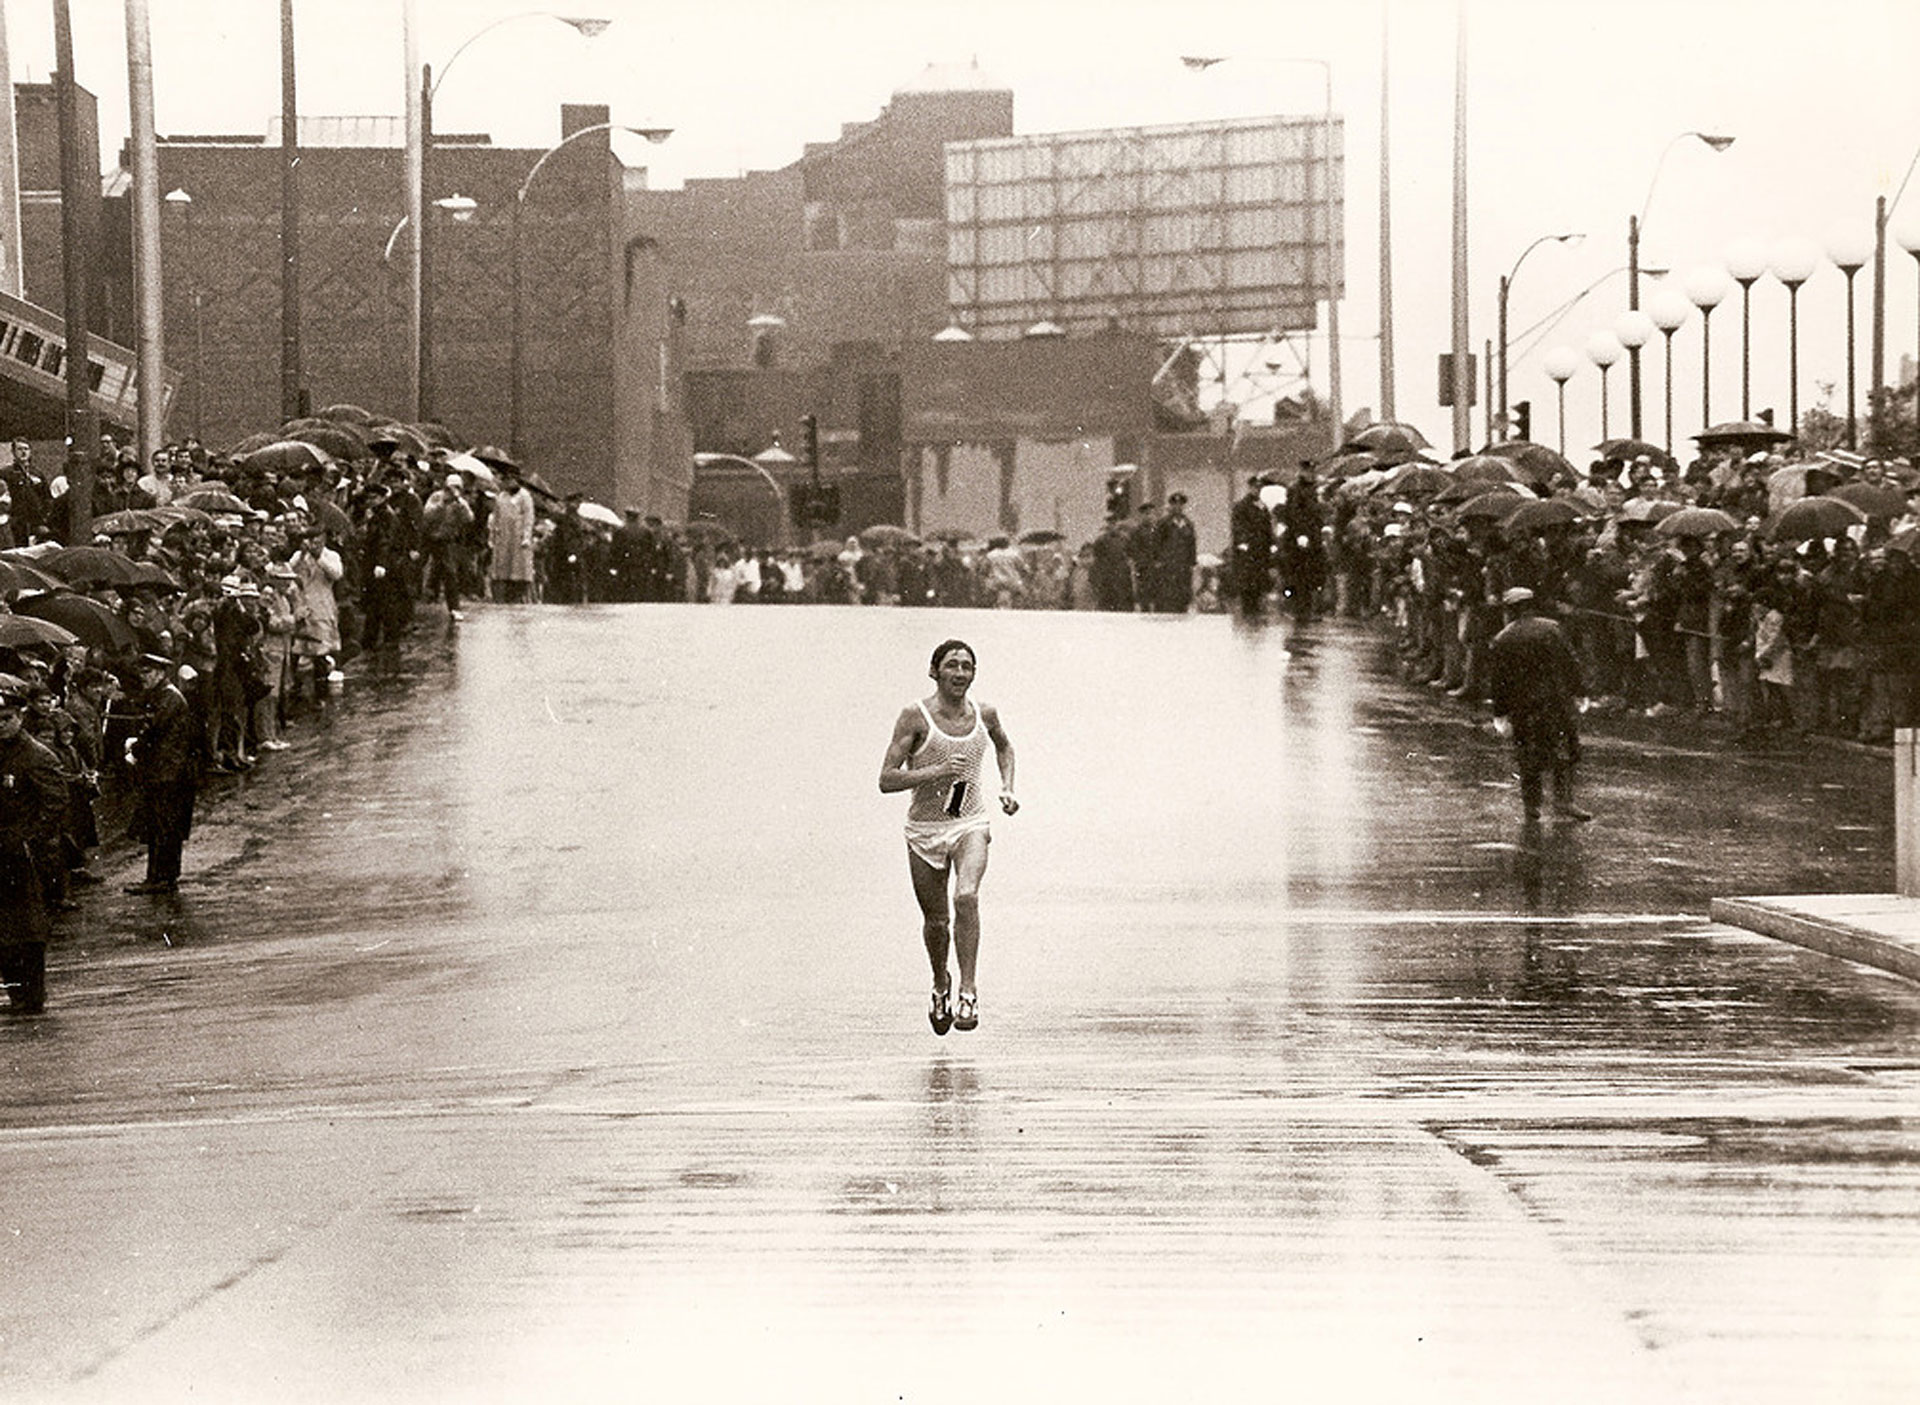 El inglés cruzando el tramo final de la maratón de Boston, una de las más importantes del mundo